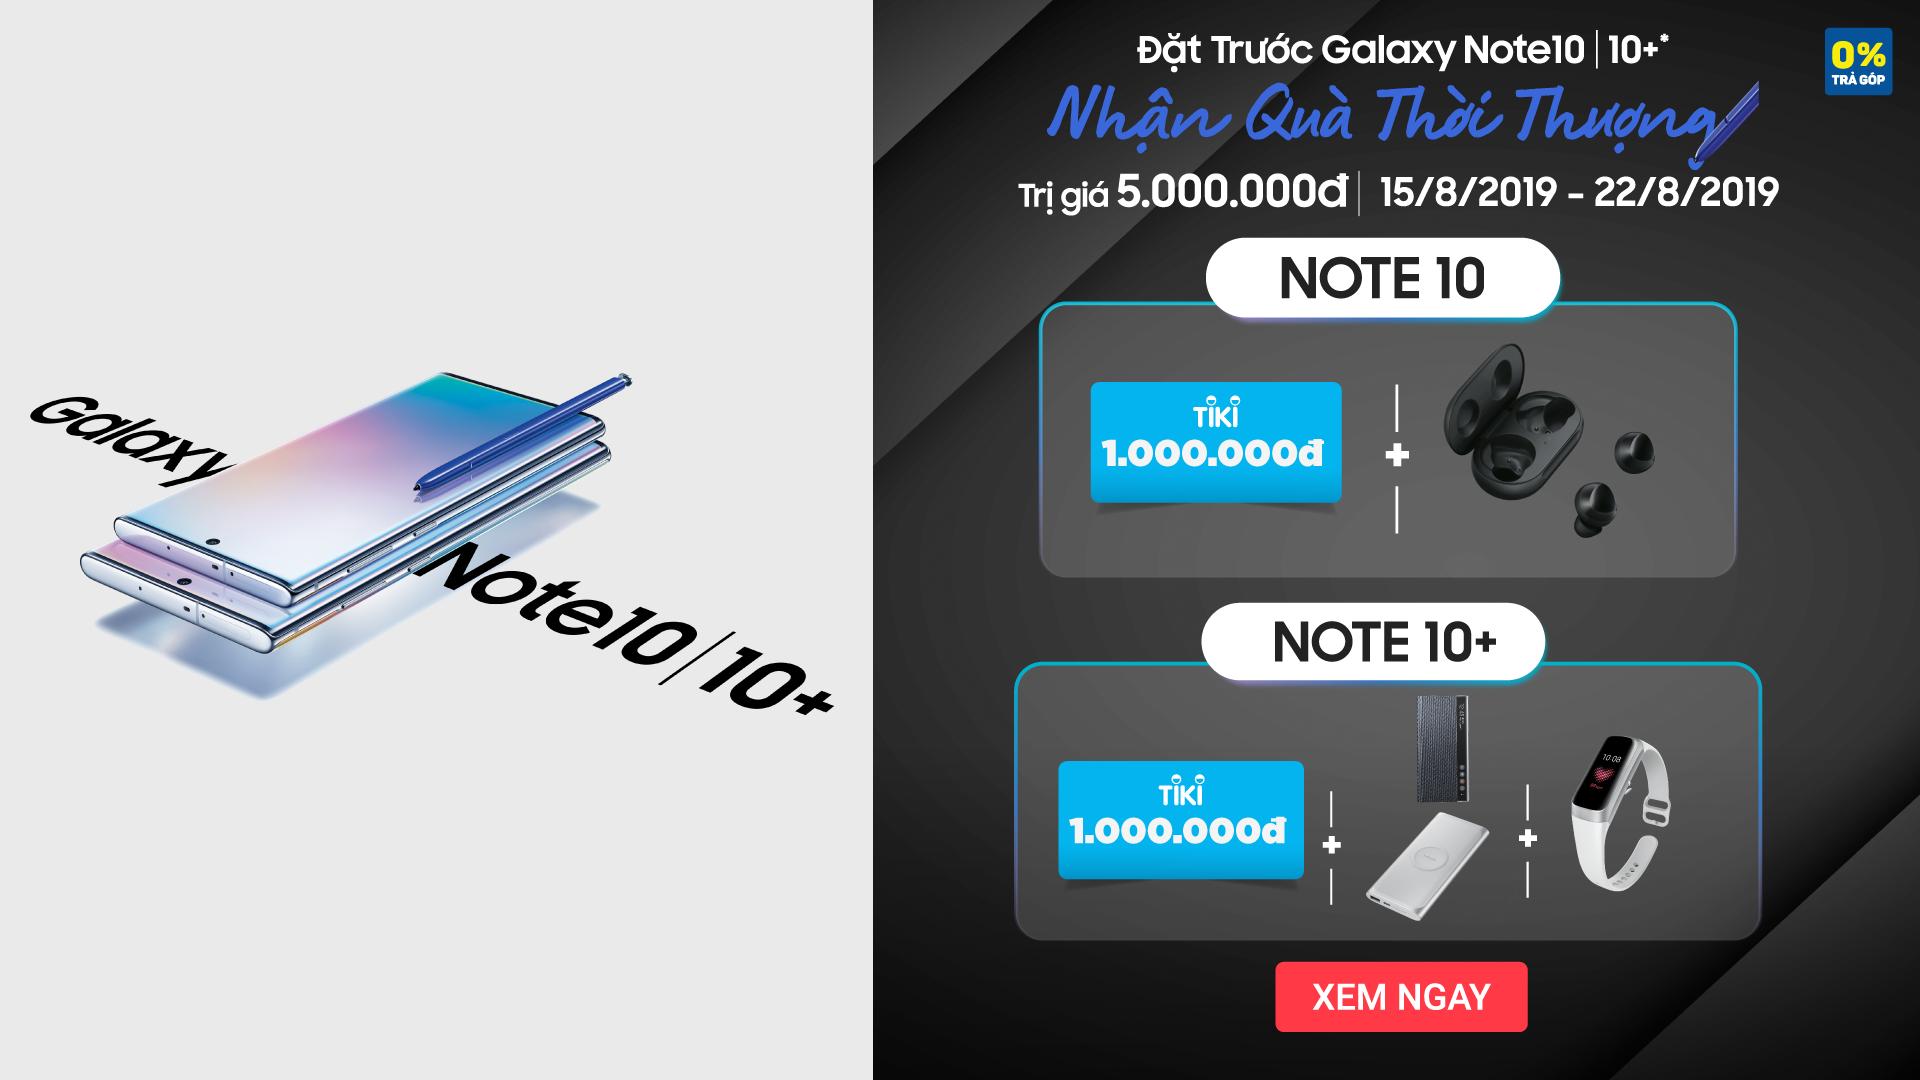 Chỉ còn 1 ngày để sở hữu Note10 với giá chỉ tầm 21 triệu đồng, rinh ngay bộ quà siêu xịn hơn 5 triệu - Ảnh 3.